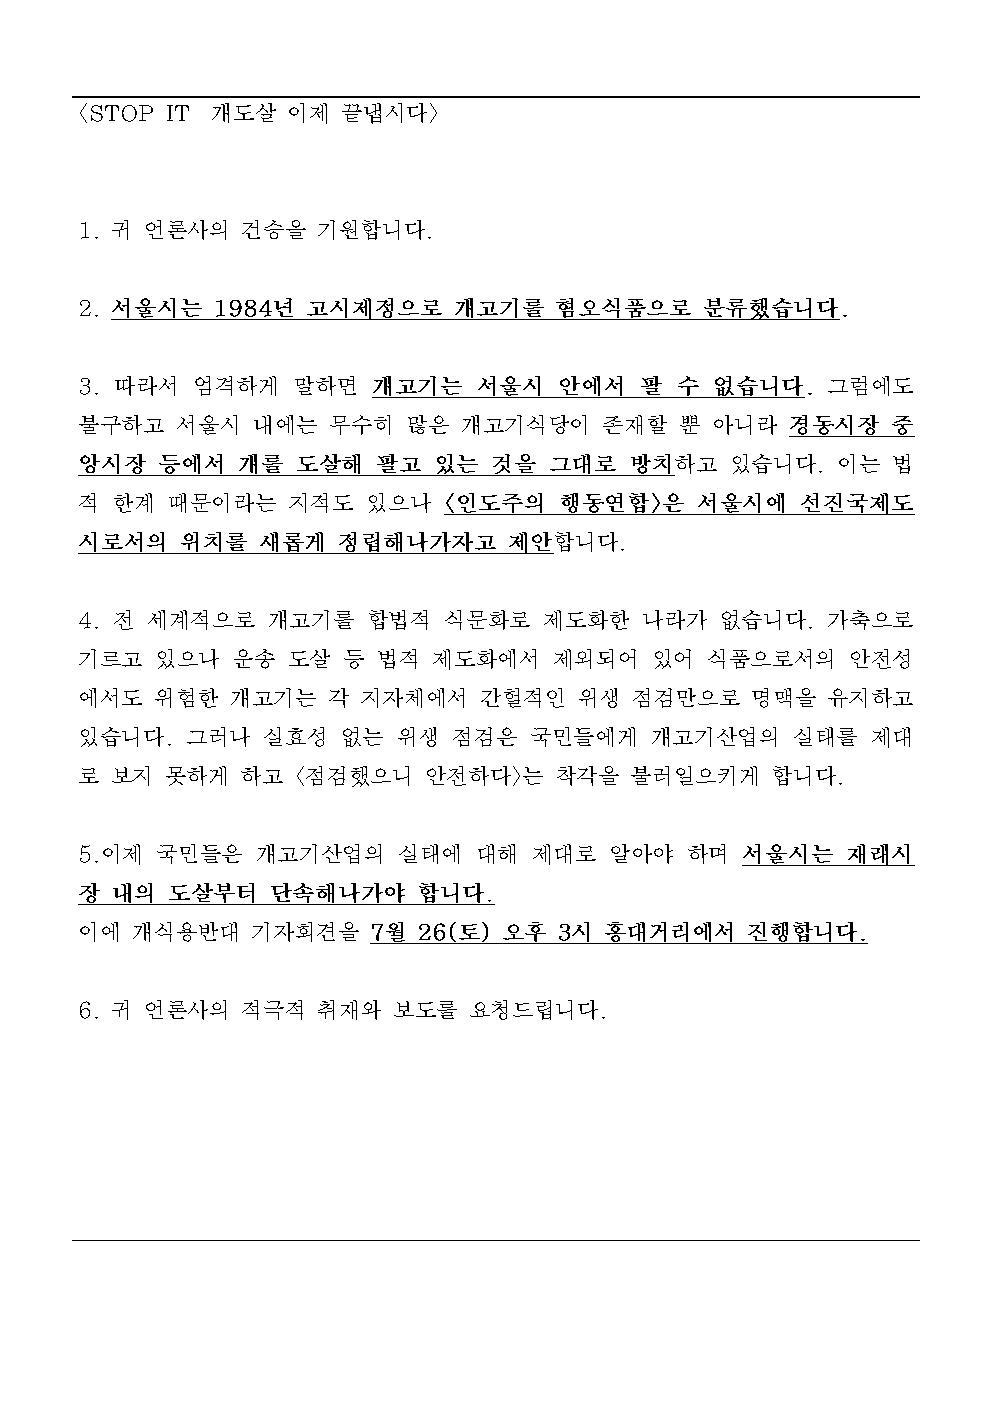 [보도자료]개식용금지_홍대기자회견003.jpg